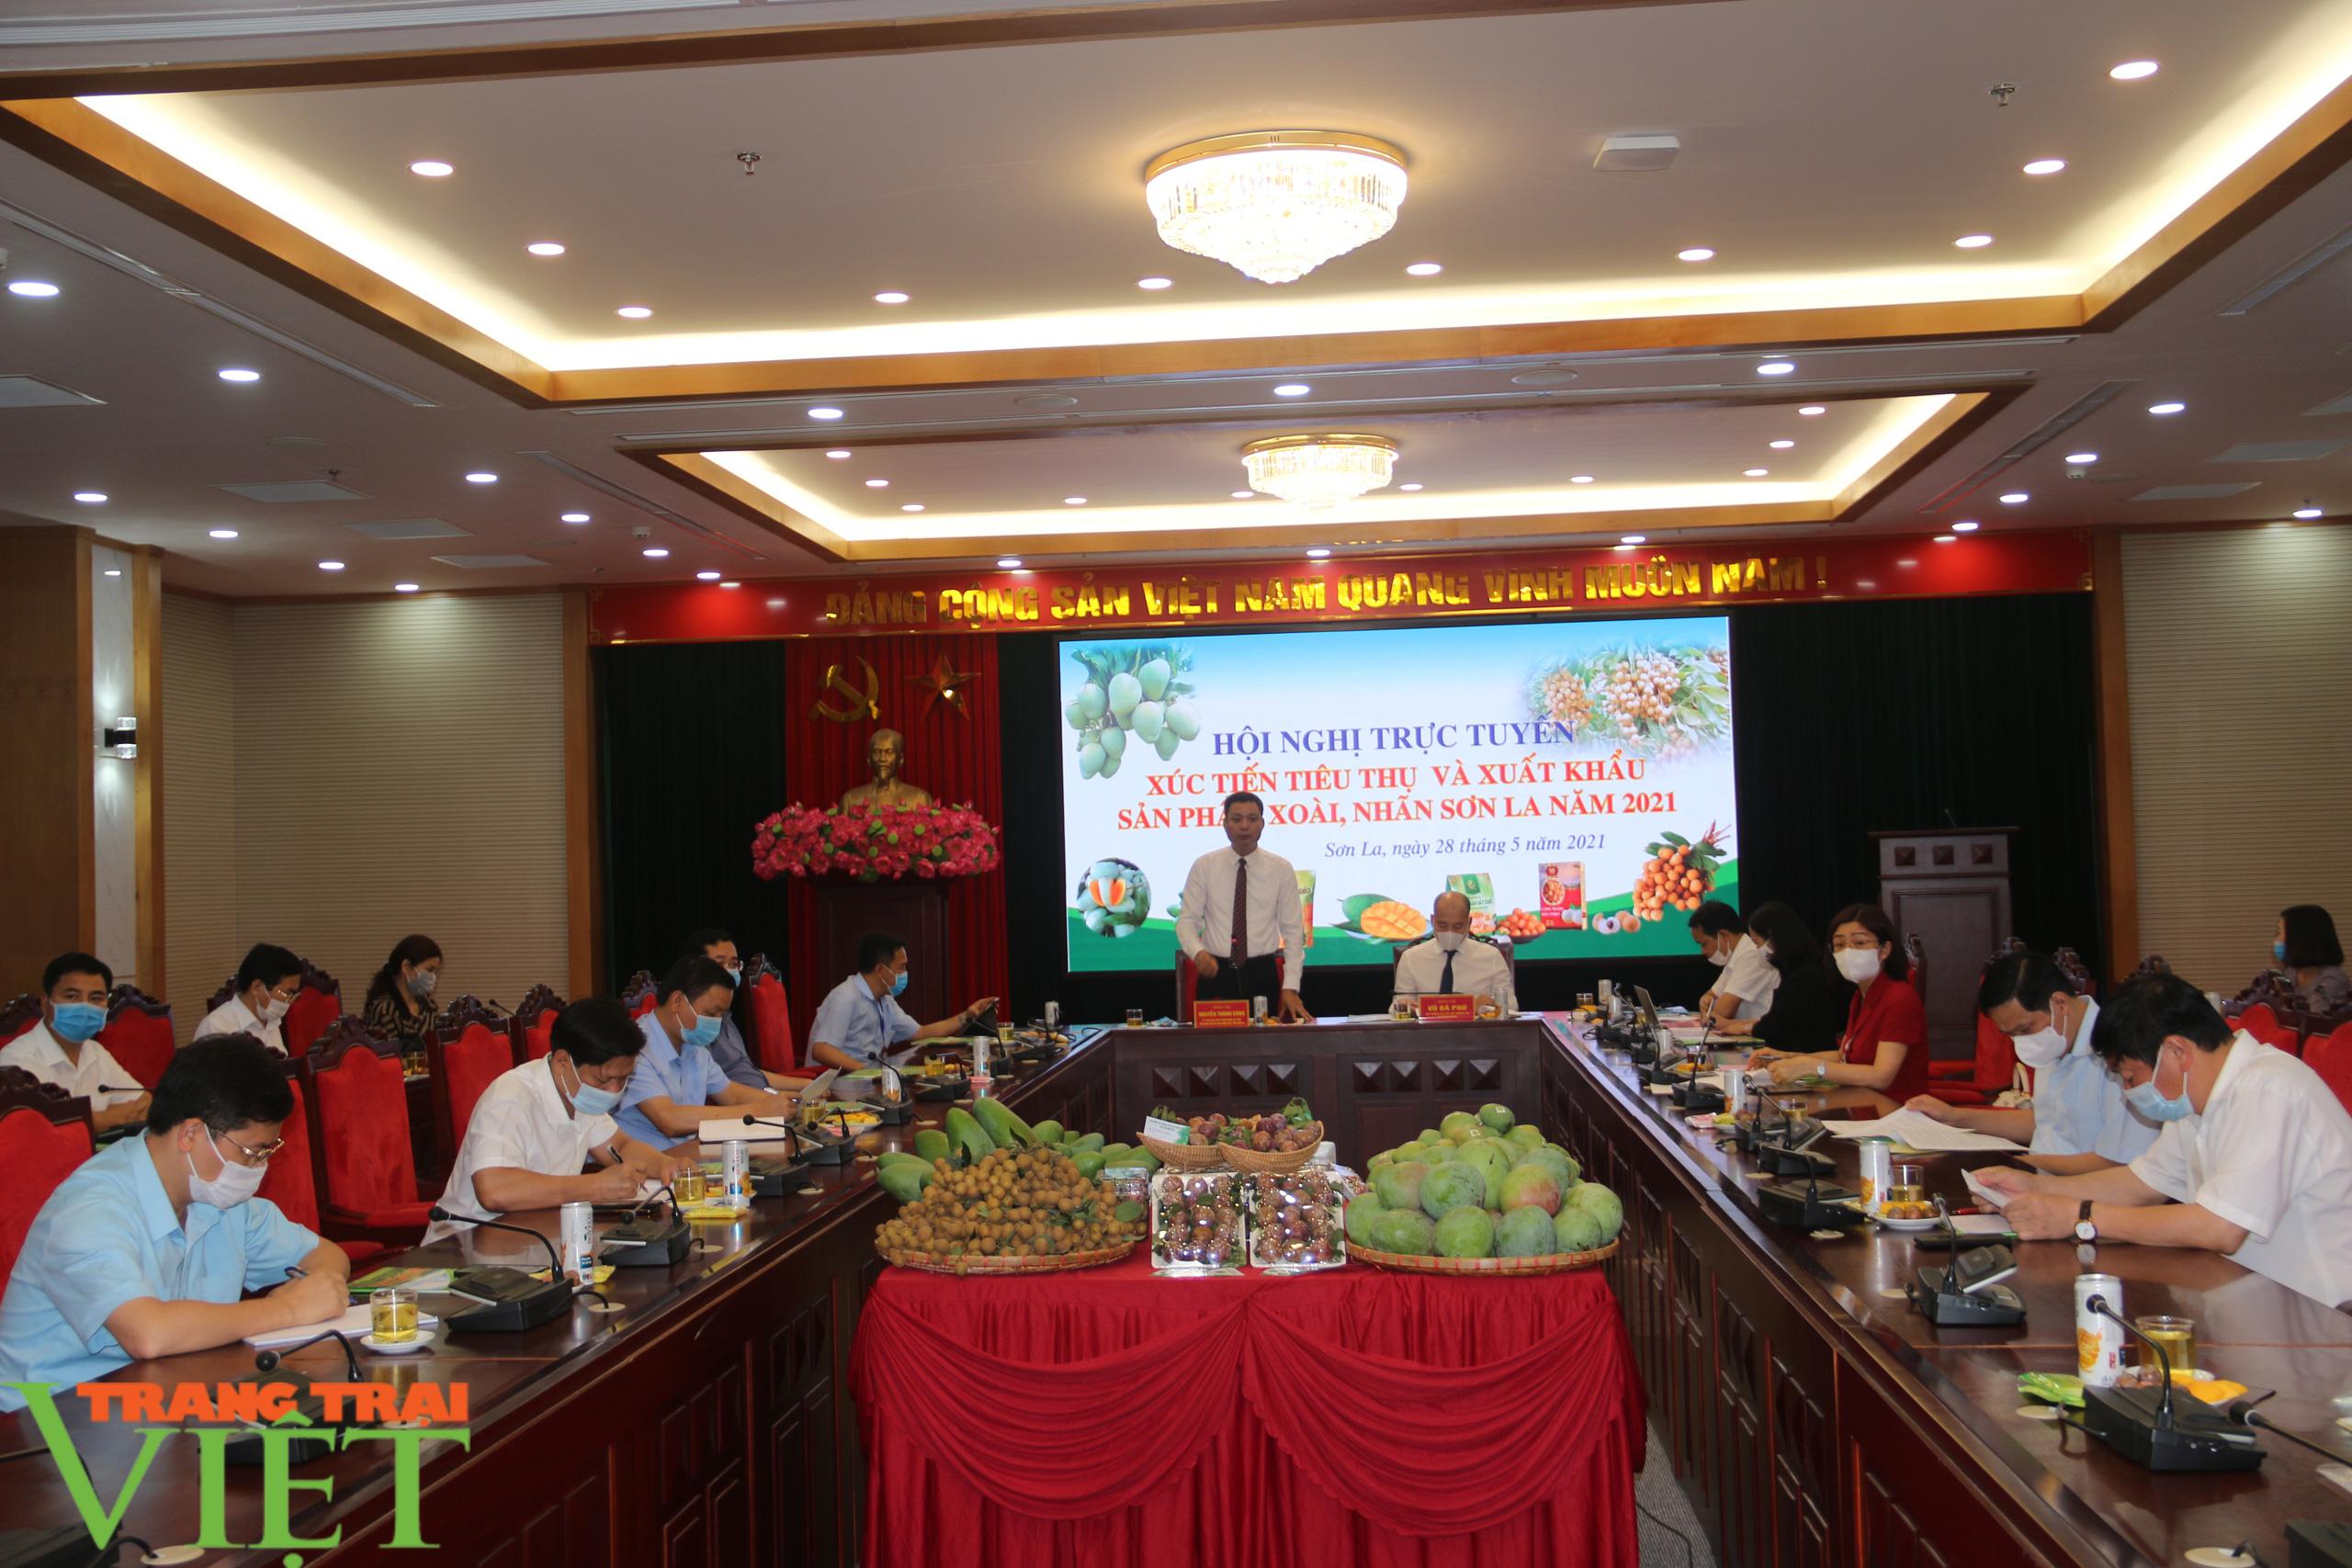 Sơn La: Tổ chức hội nghị trực tuyến xúc tiến tiêu thụ và xuất khẩu xoài, nhãn - Ảnh 1.